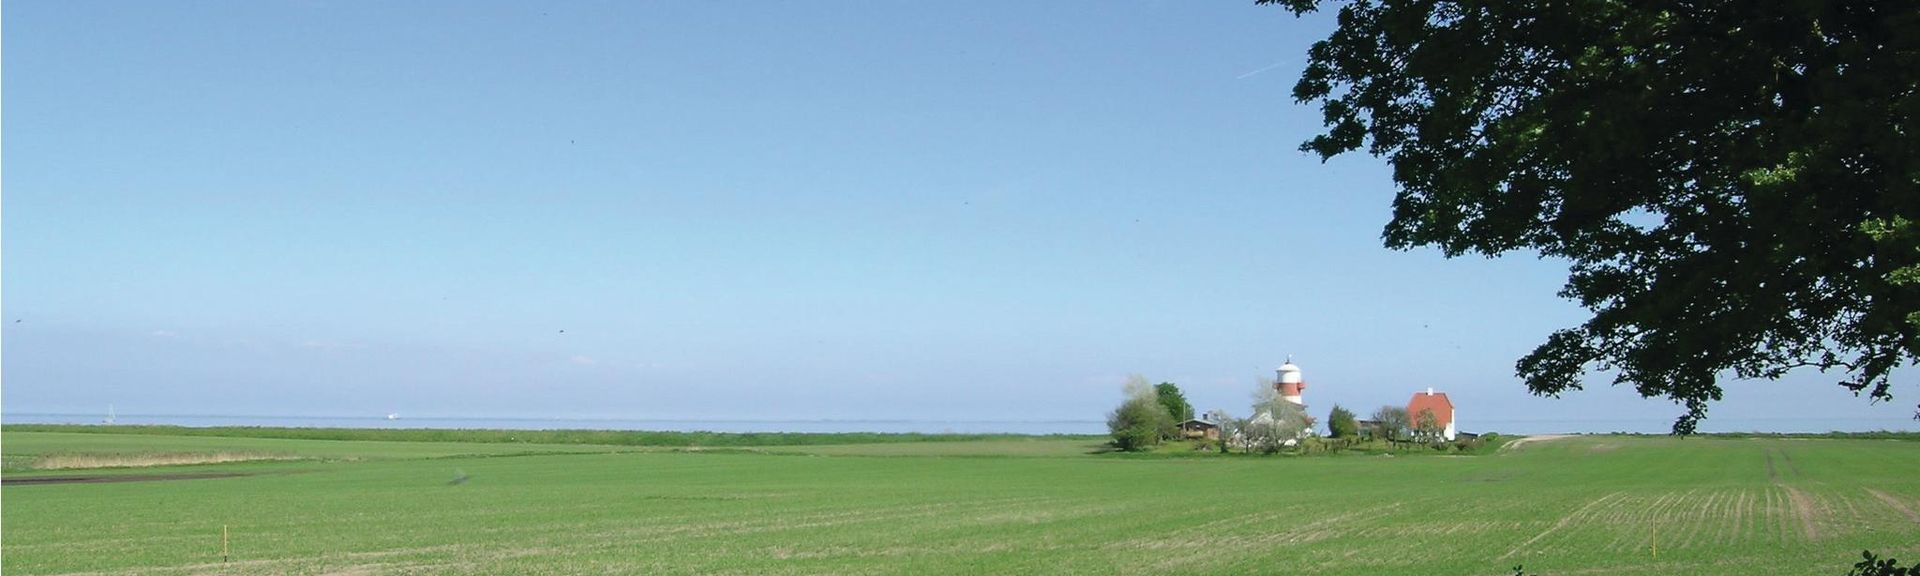 Dageløkke, Tranekaer, Danemark-du-Sud, Danemark